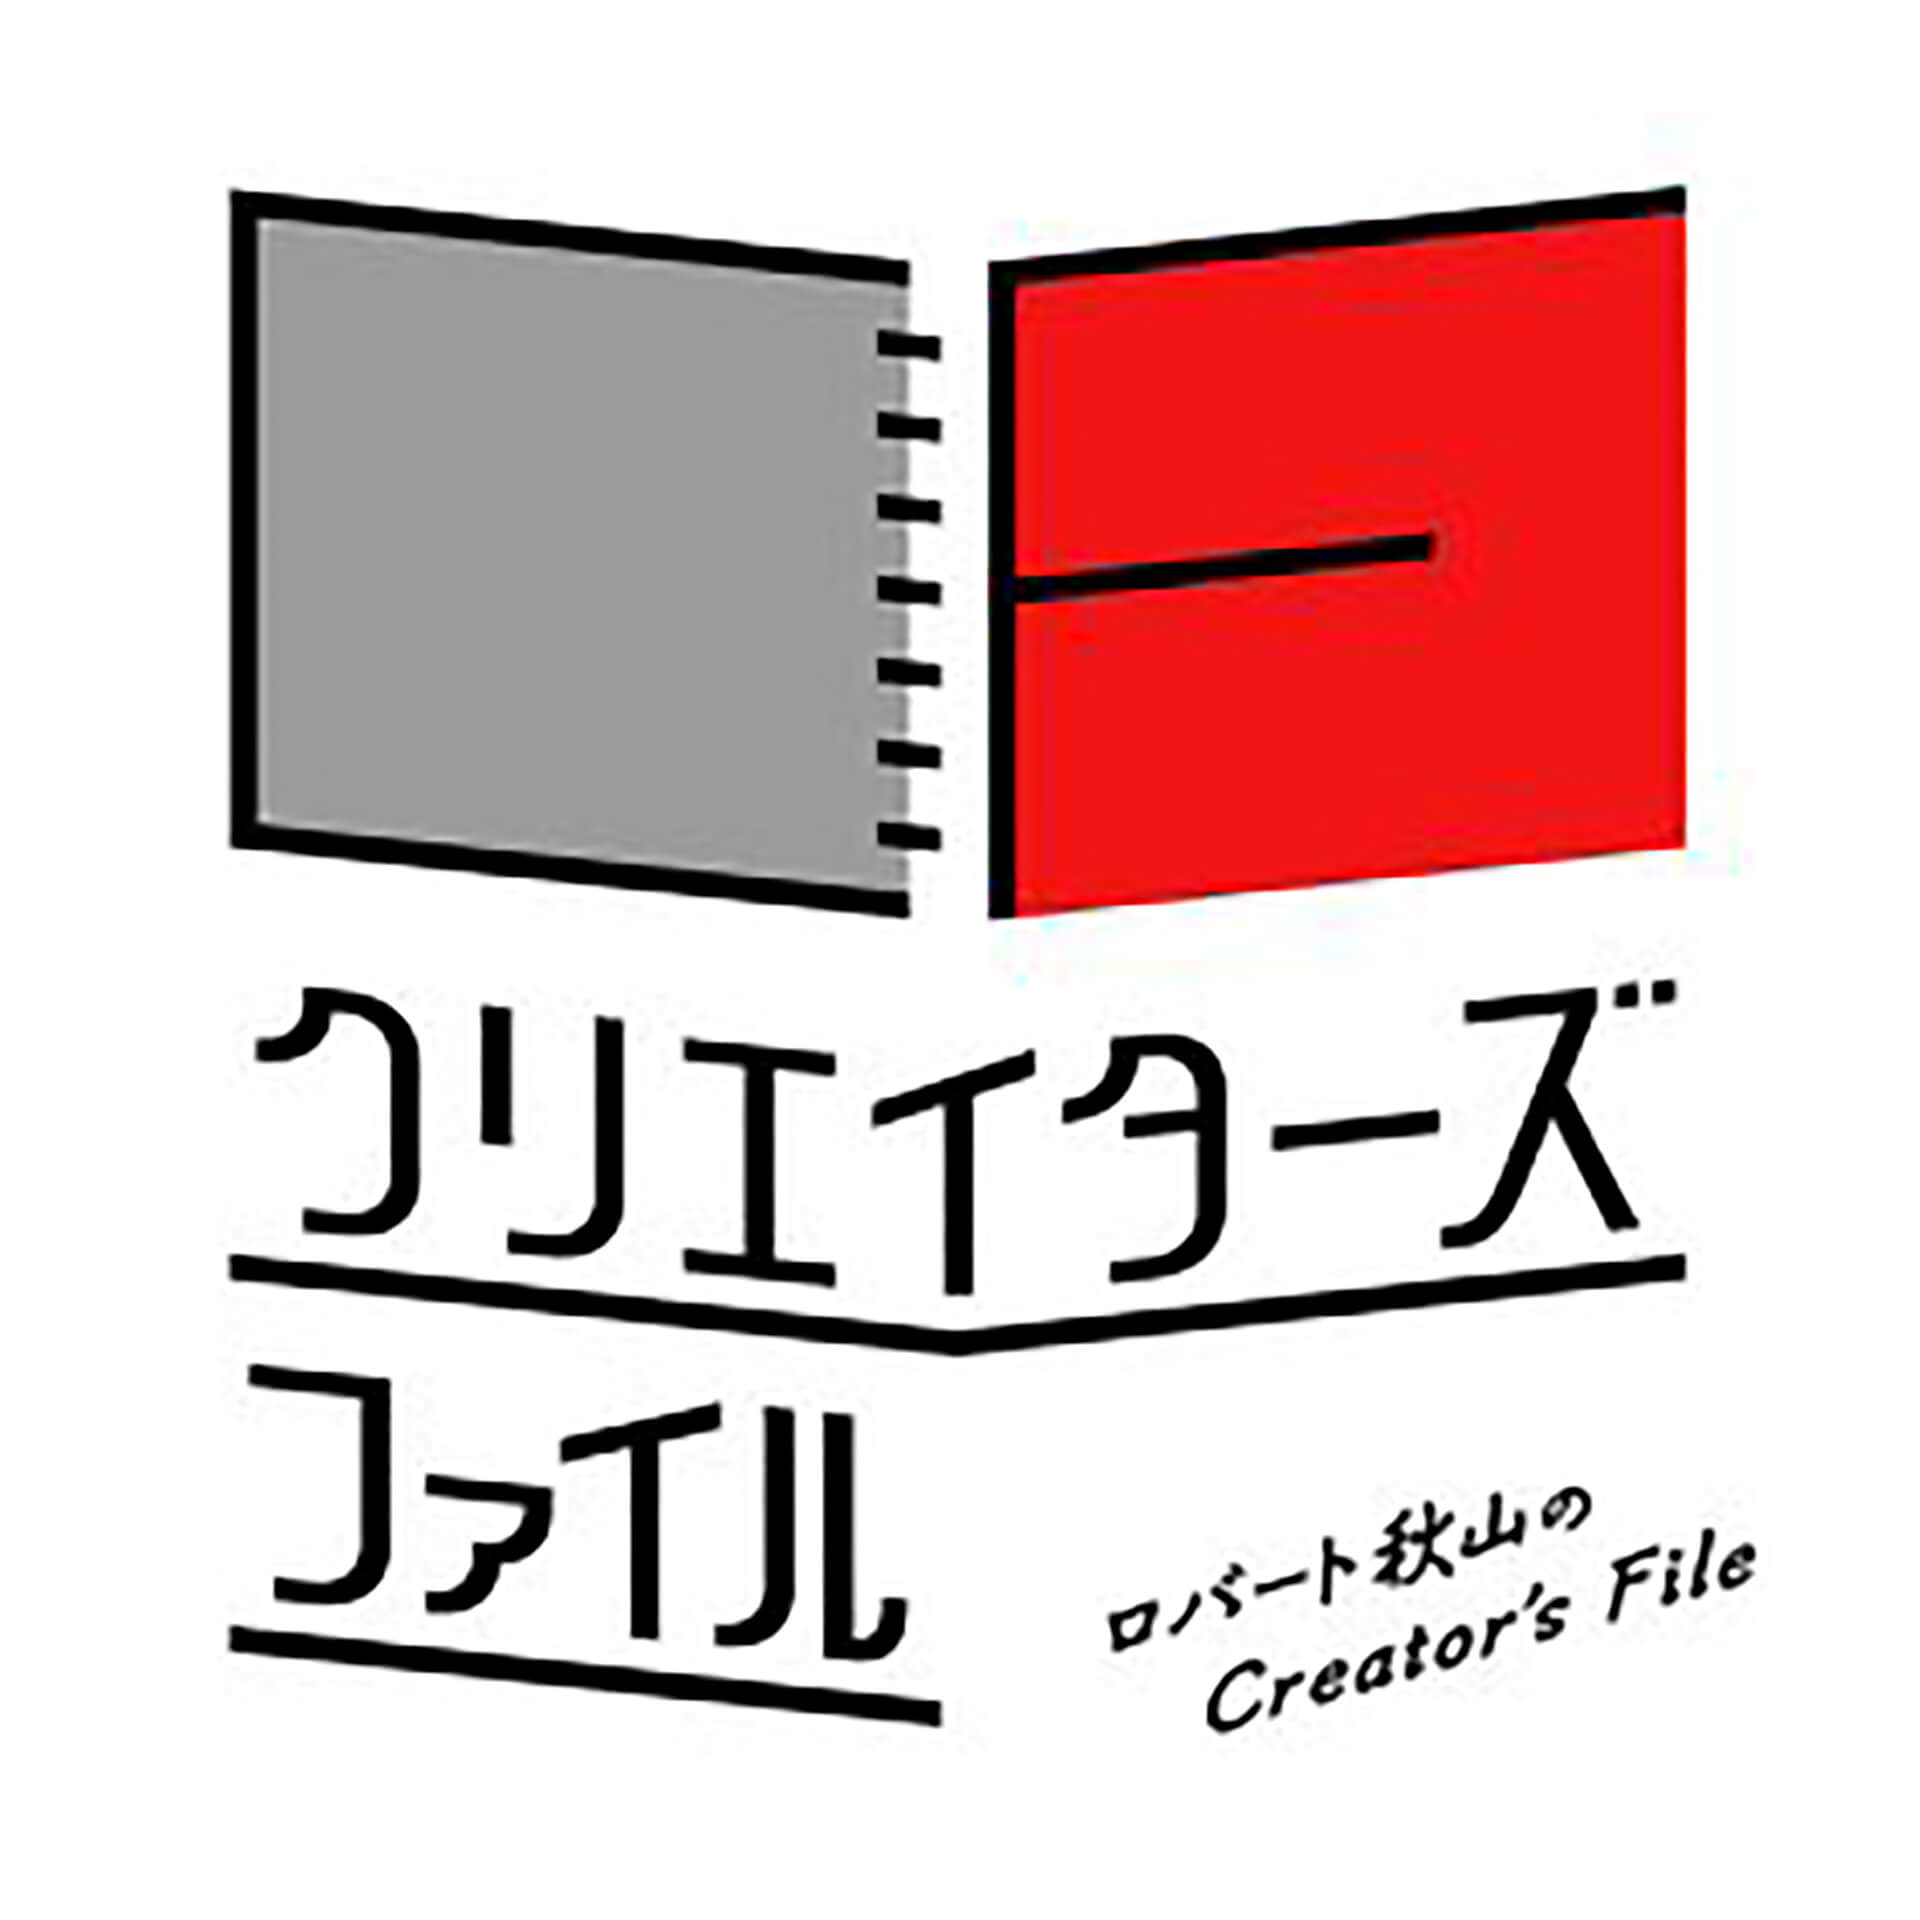 この写真はクリエイターズファイルのロゴです